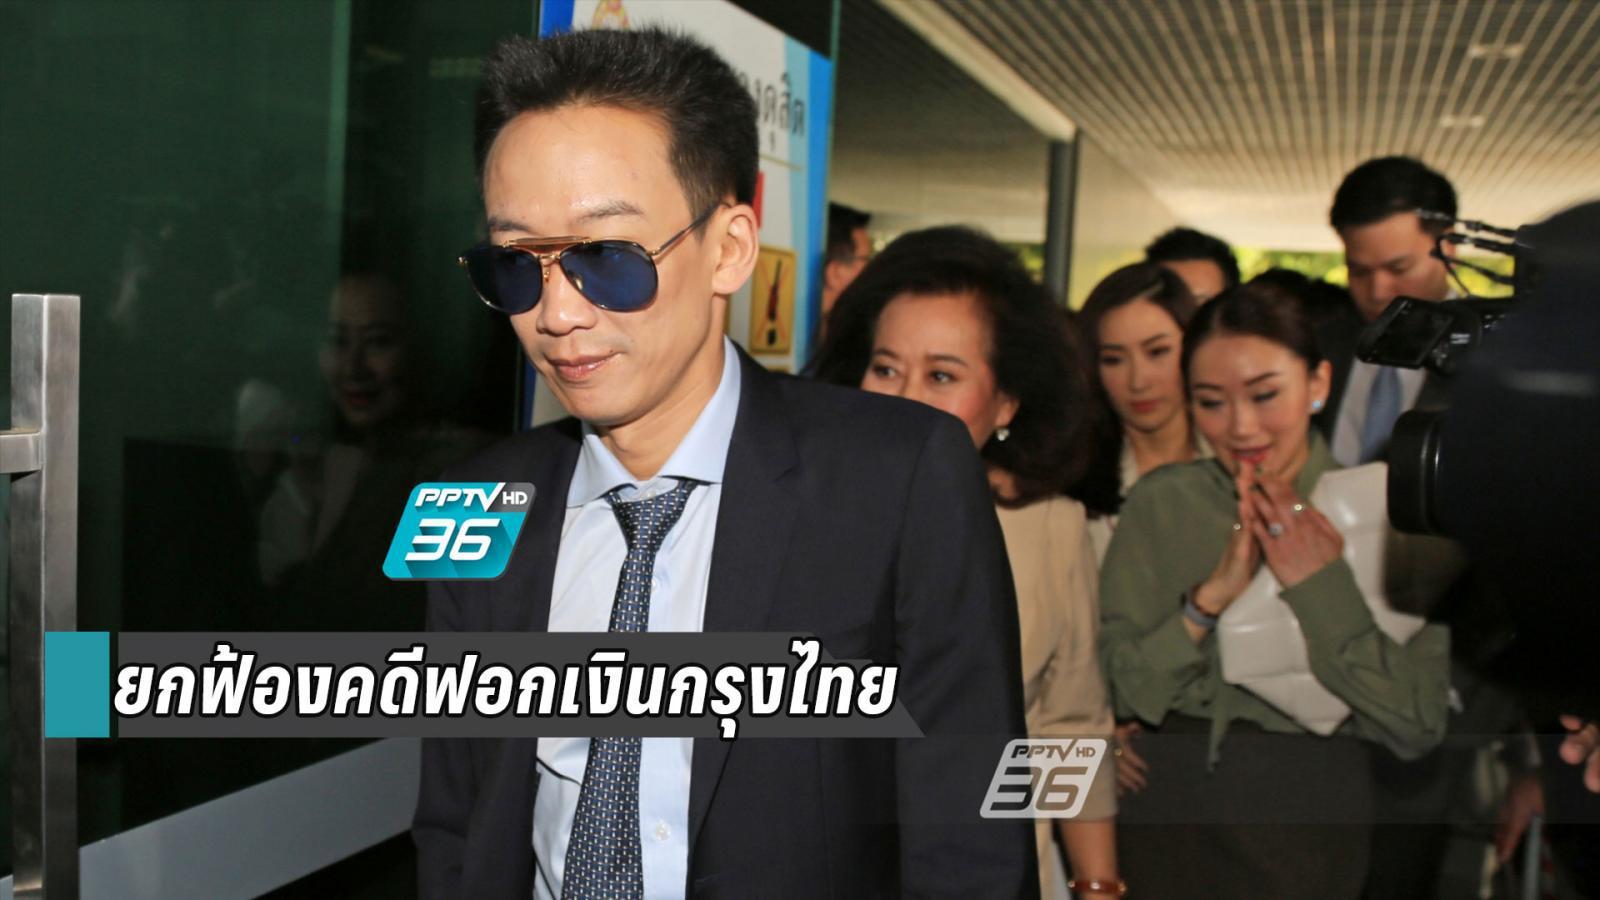 """ศาลยกฟ้อง """"โอ๊ค พานทองแท้"""" คดีฟอกเงินกรุงไทย"""